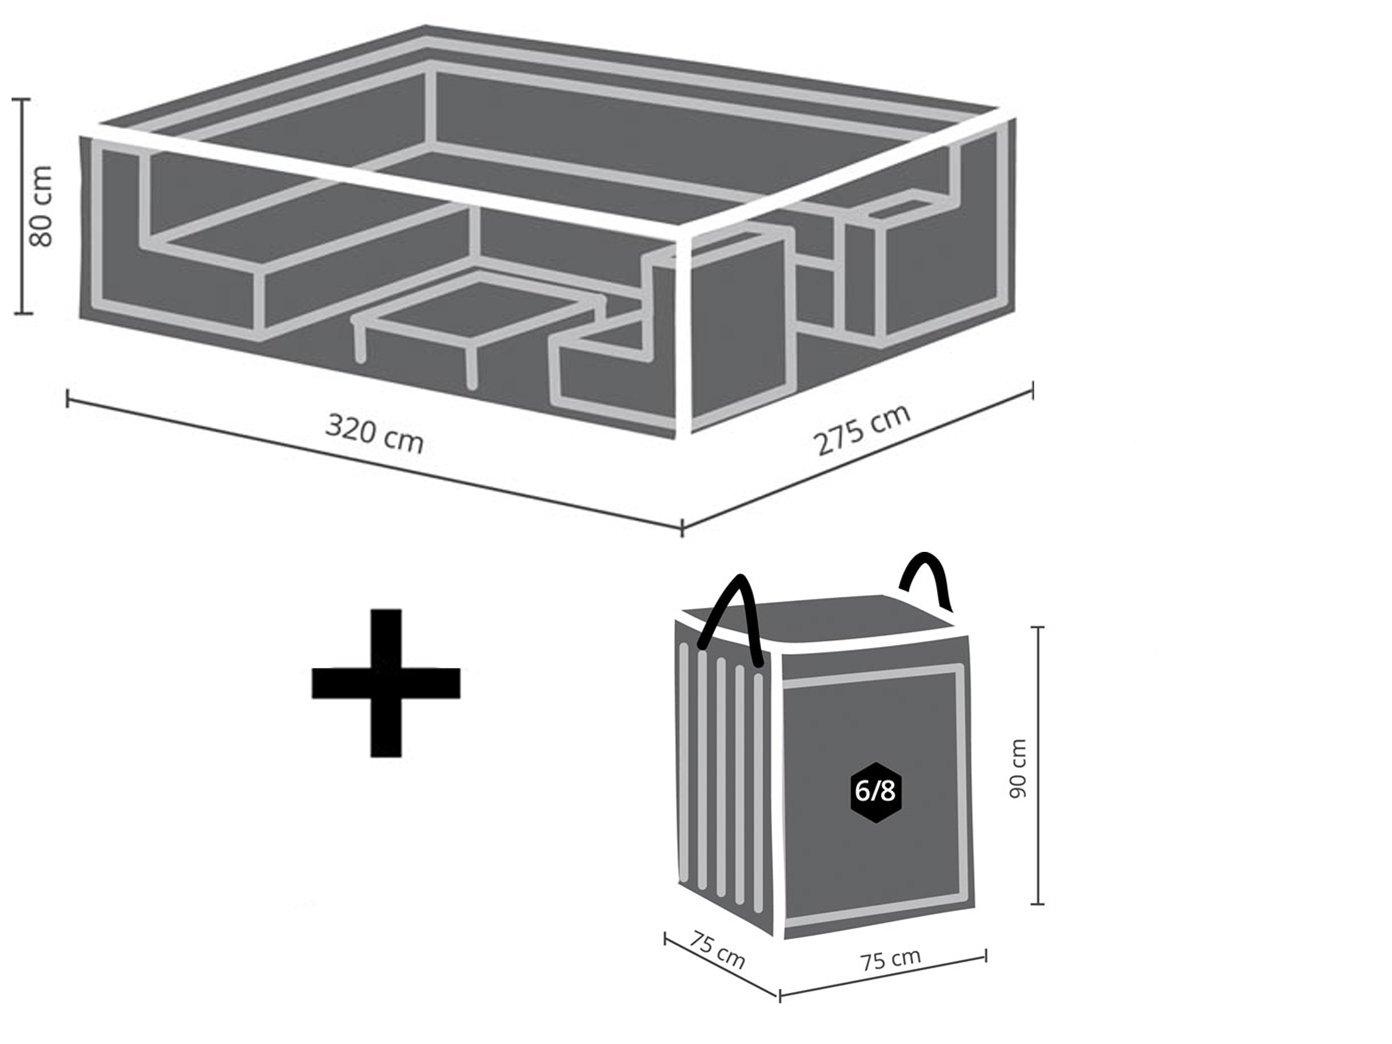 Schutzhüllen Set: Abdeckung 320x275cm für Garten Lounge Set + Hülle für 6-8 Kissen